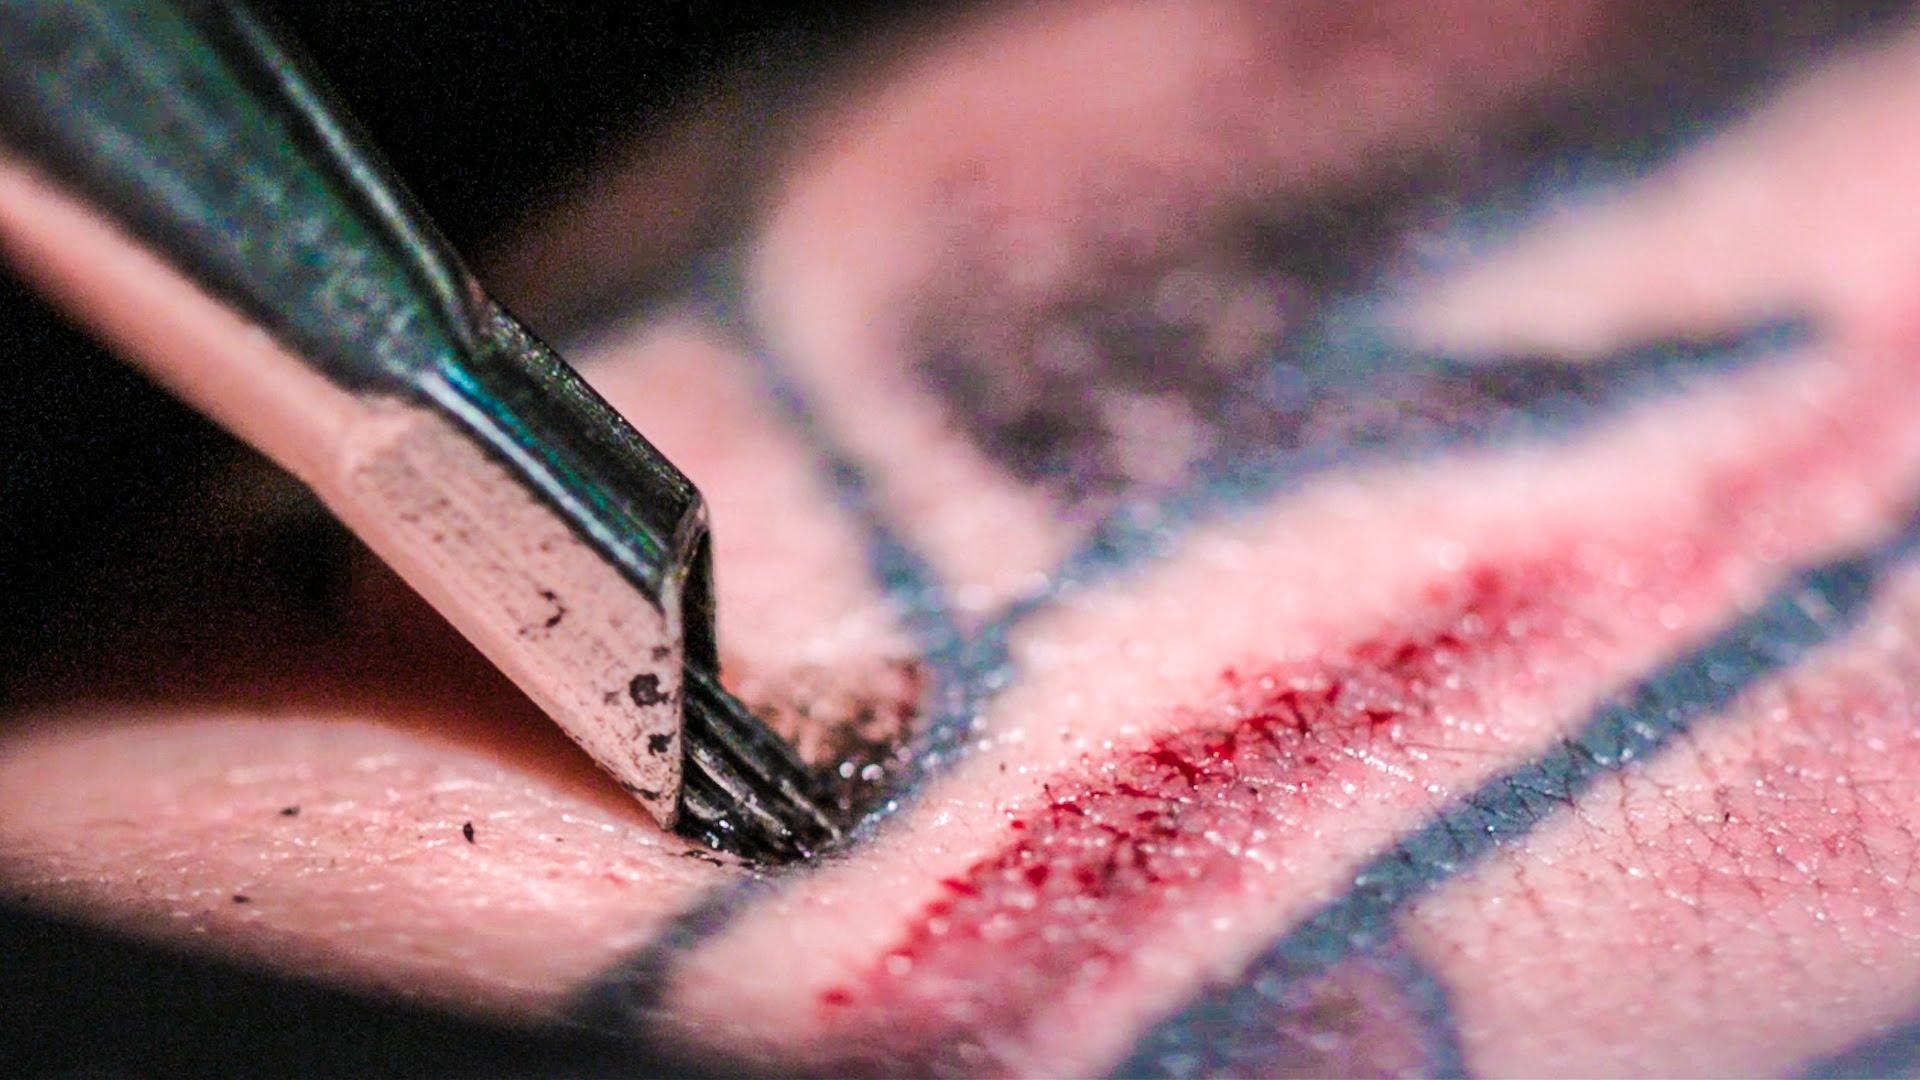 Zdjęcie przedstawia prces tatuowania z bliska